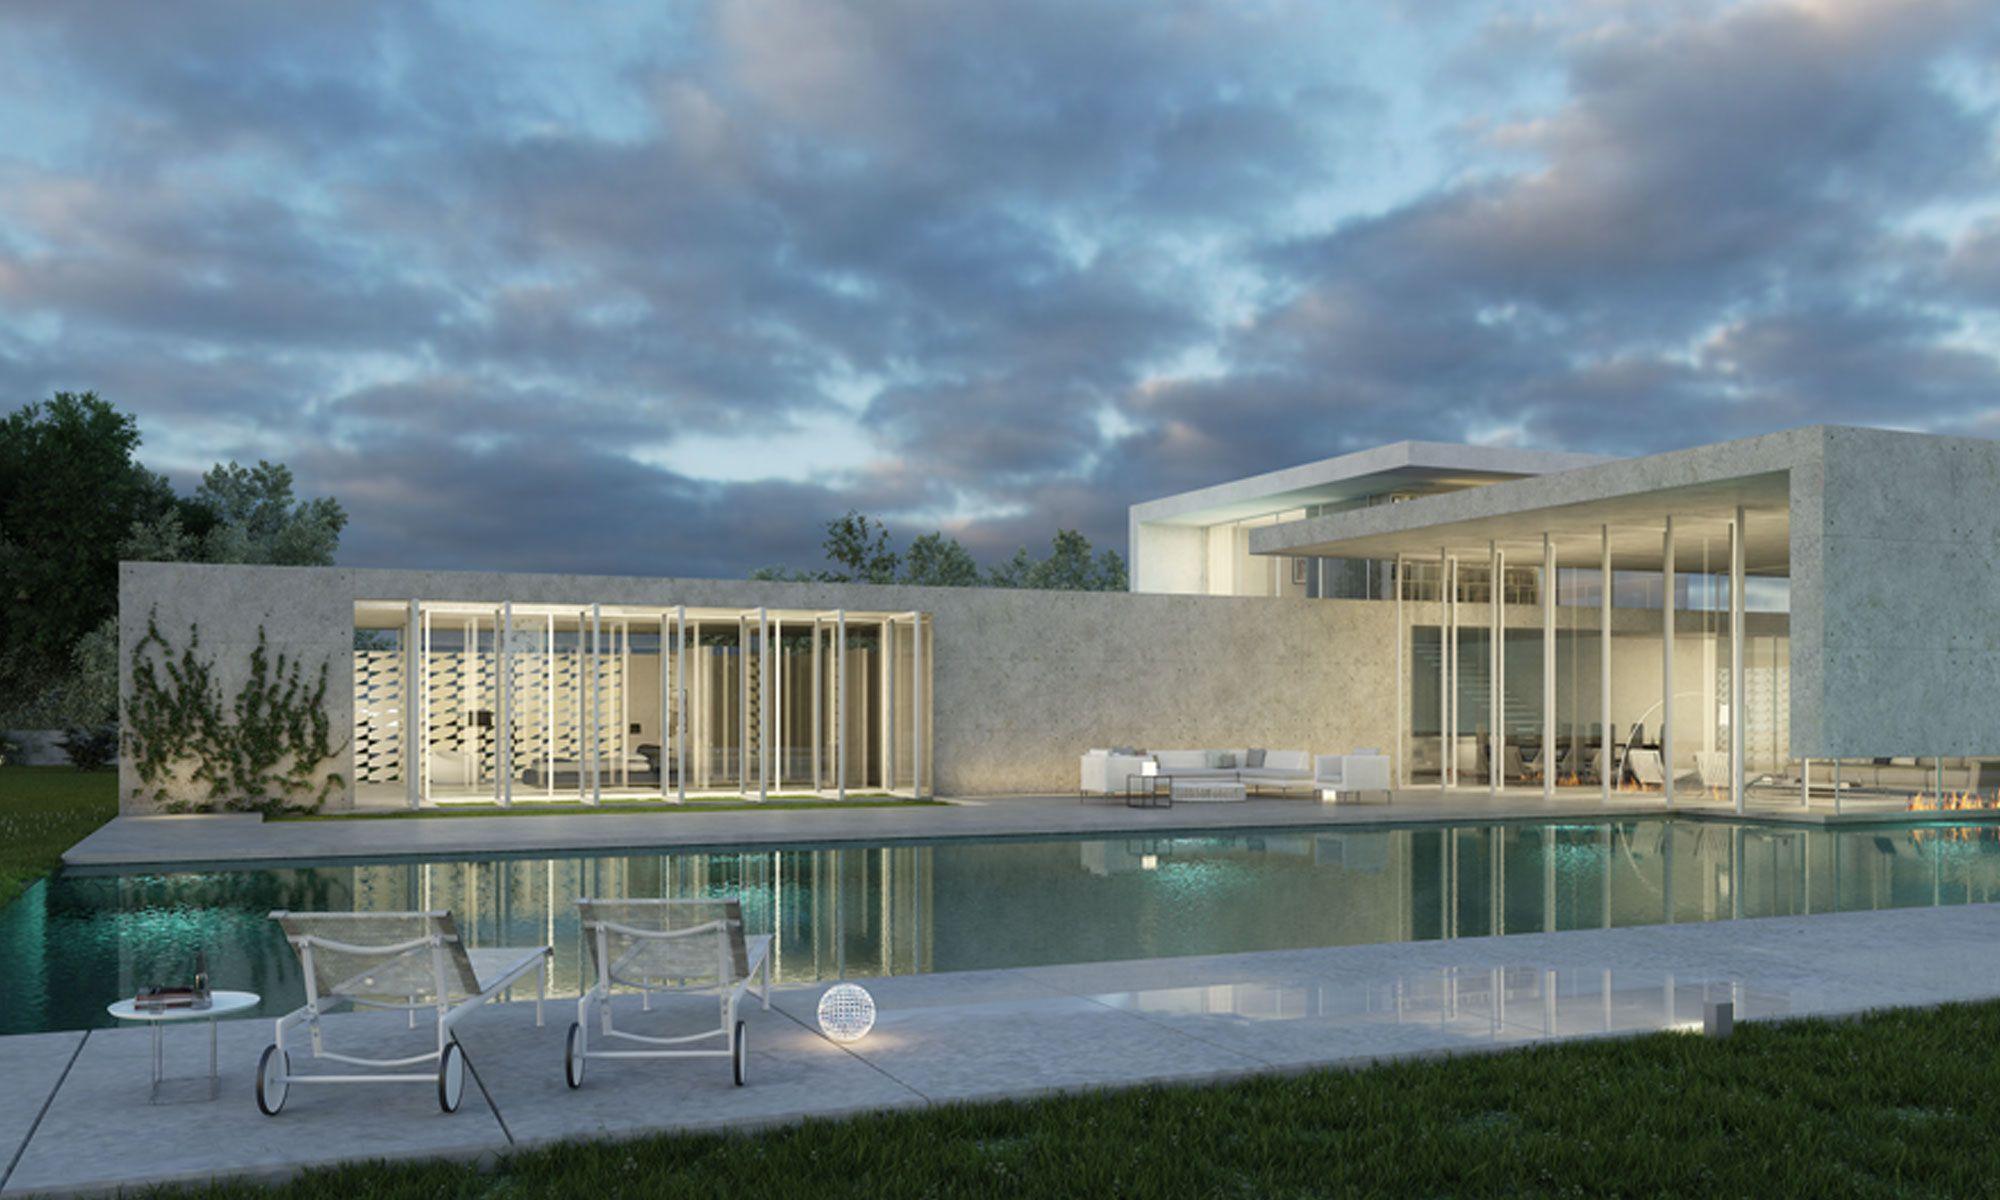 Kfar shmaryahu house 2 pitsou kedem architektur